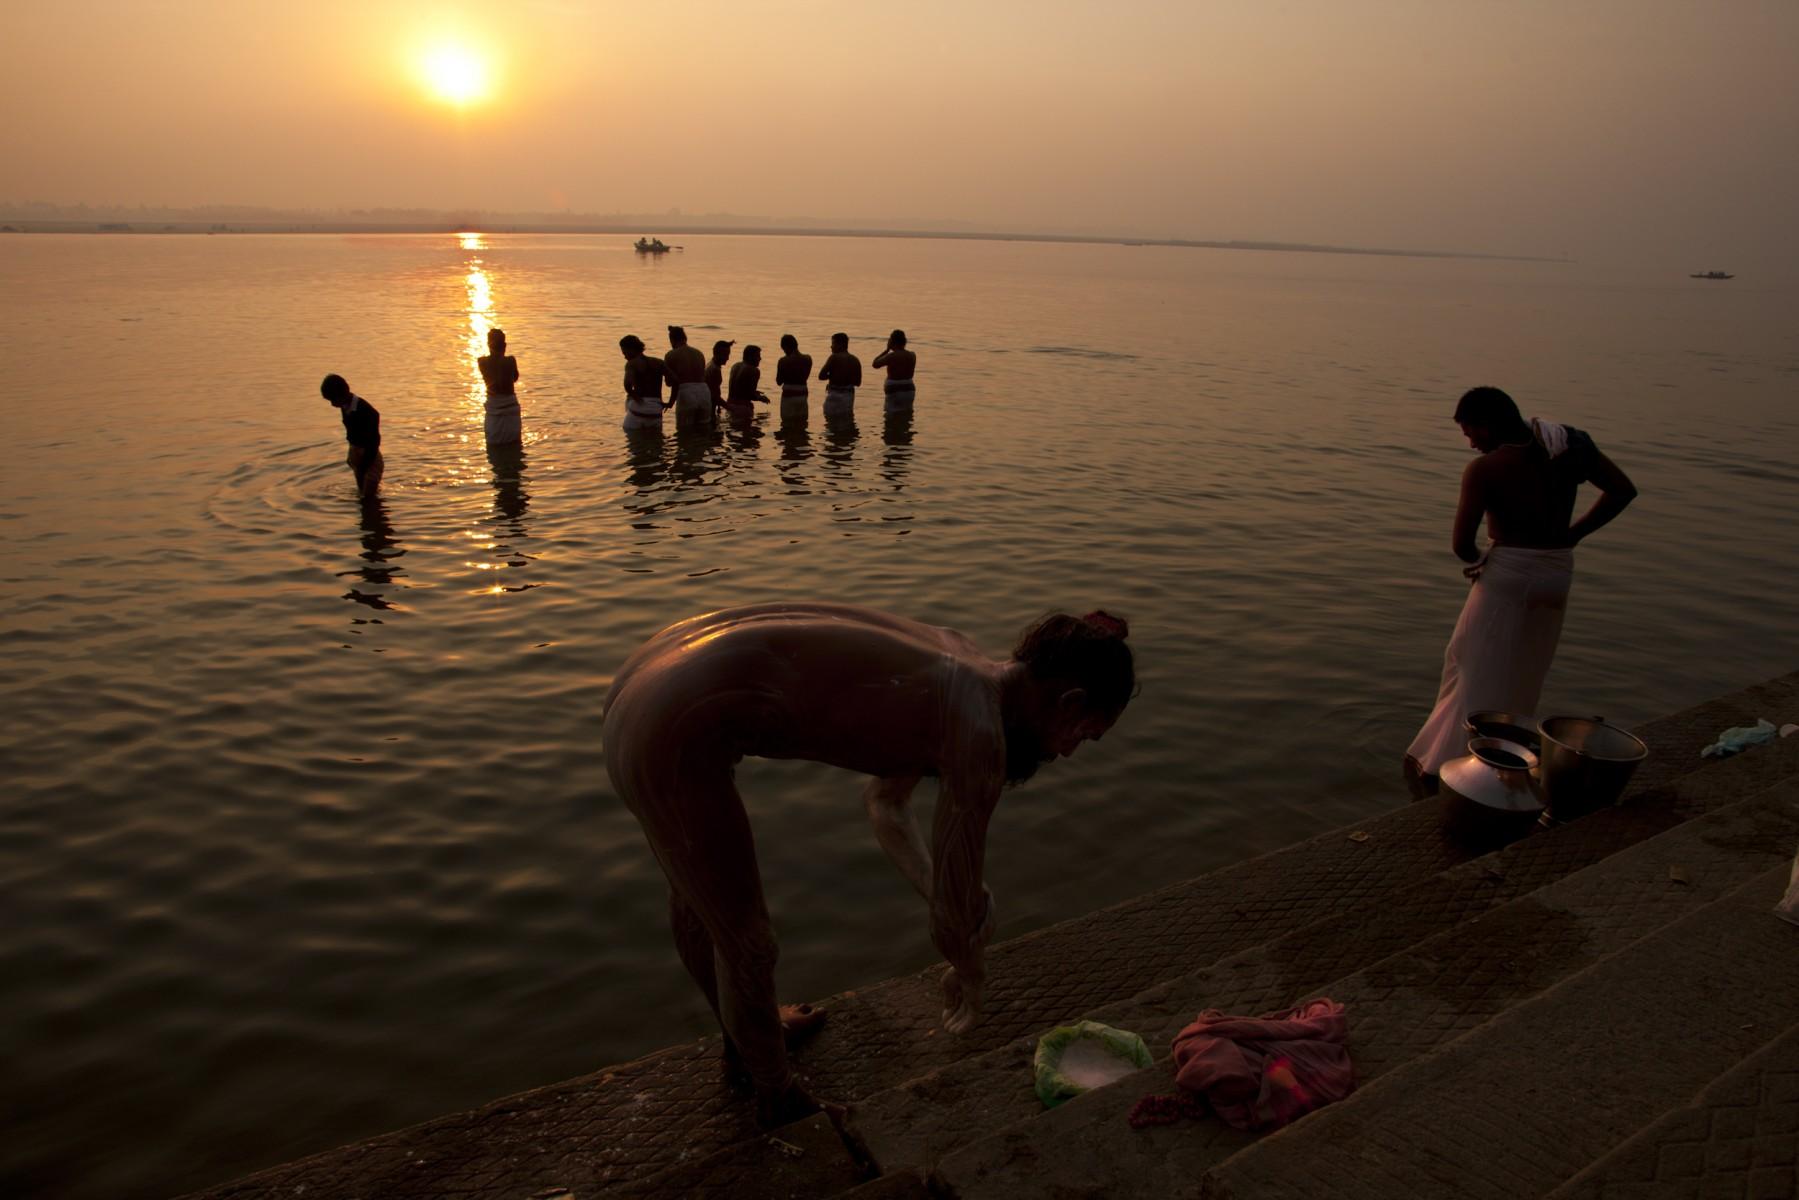 Bathing at sunrise